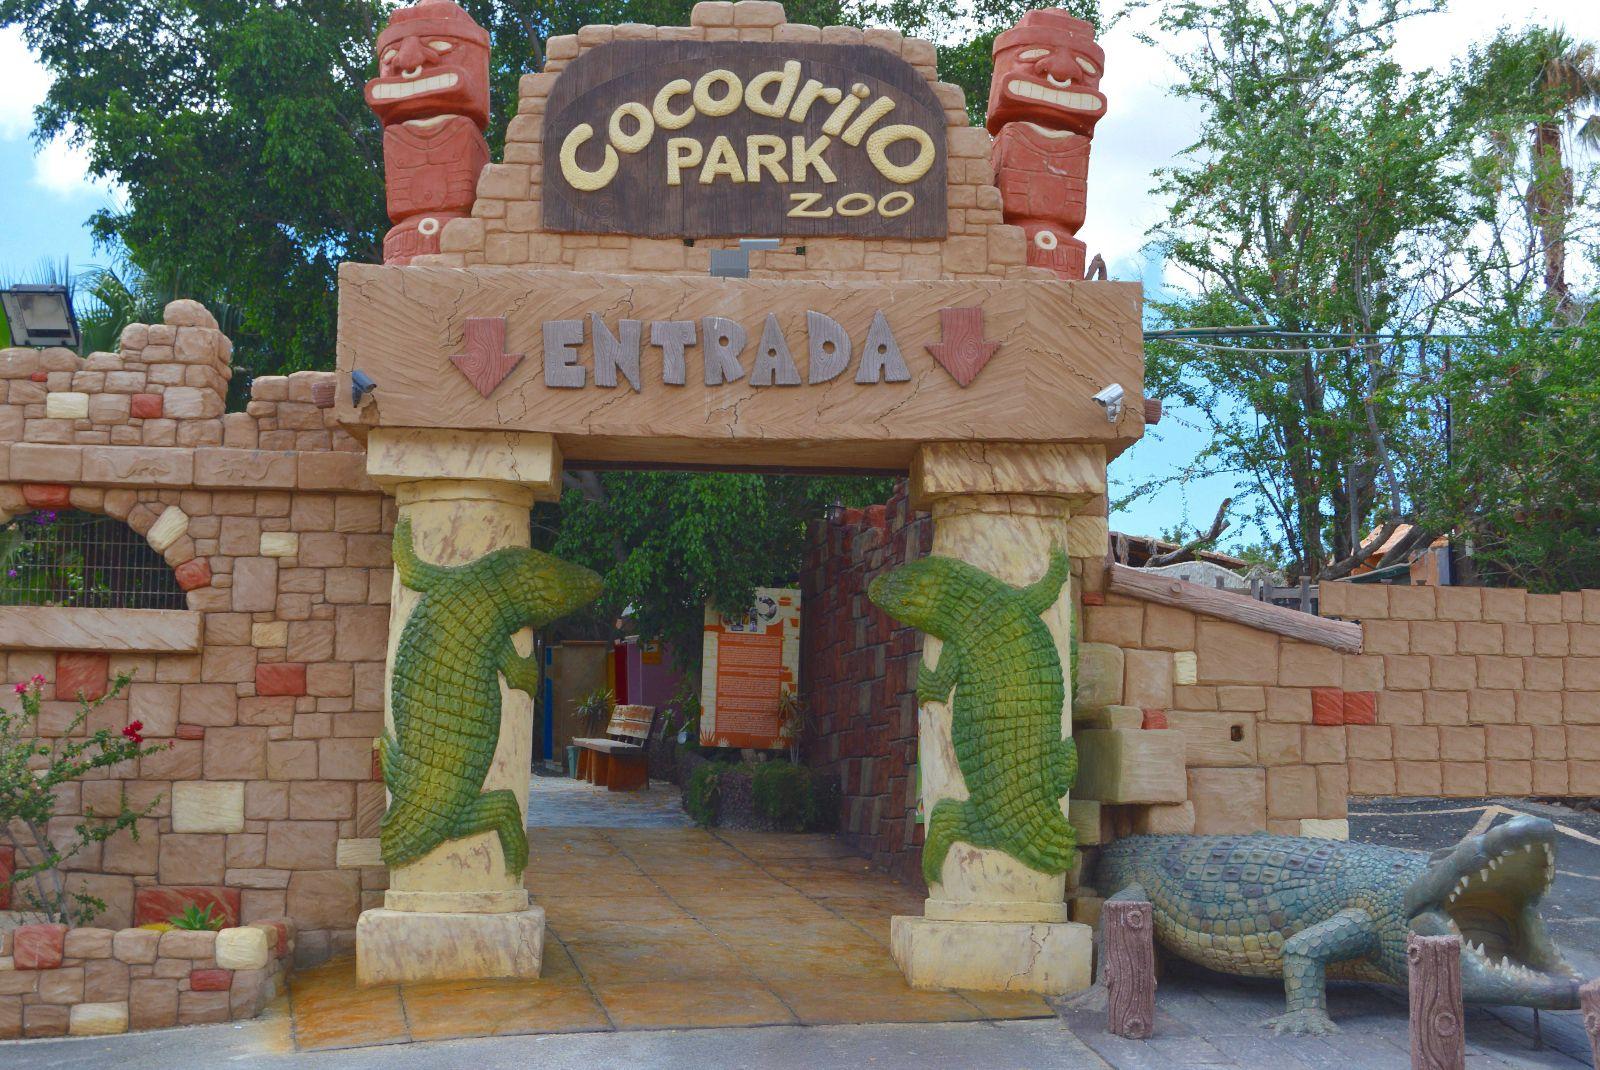 Billet til den zoologiske have Cocodrilo Park i Agüimes